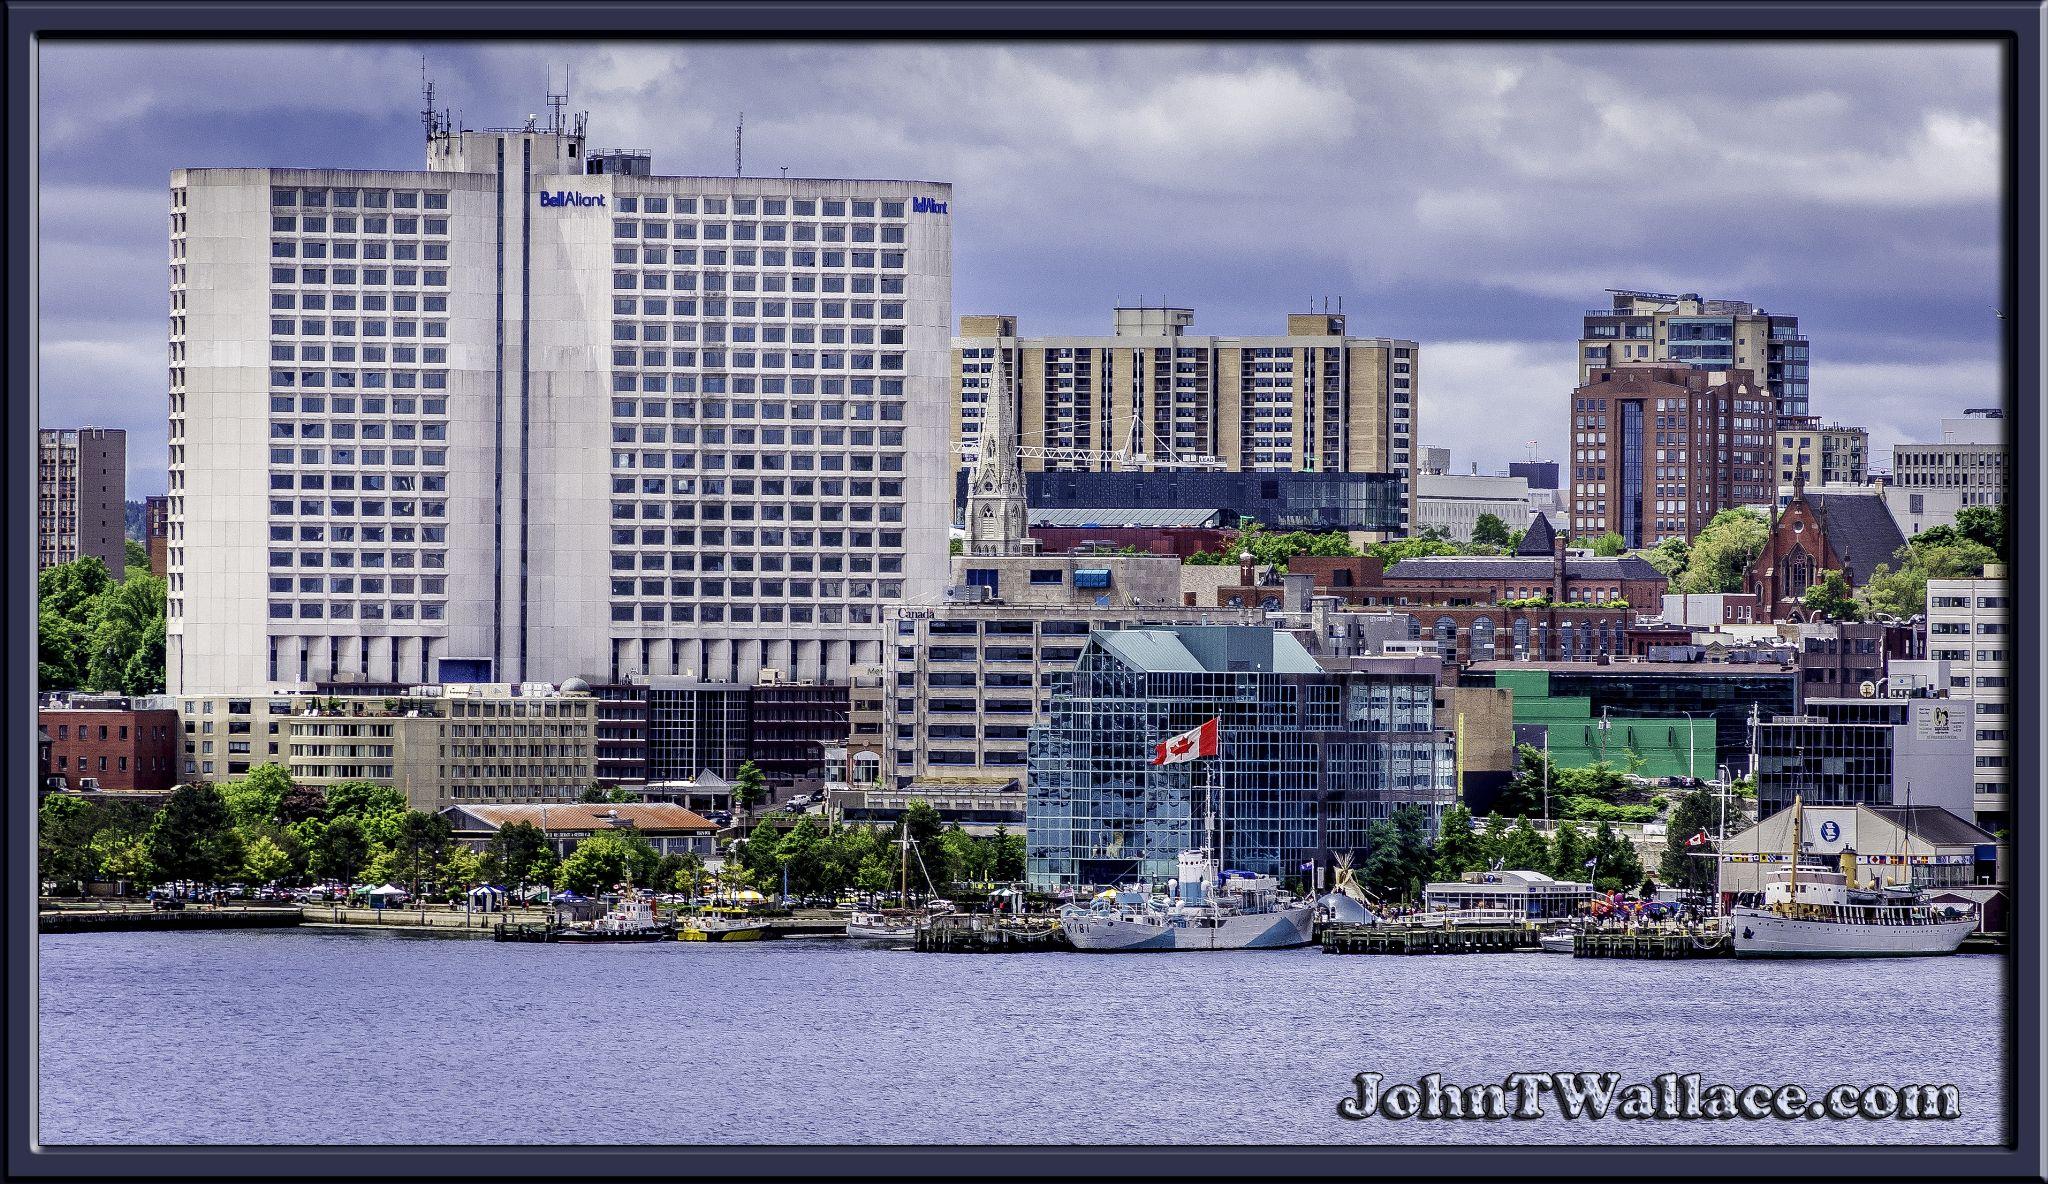 Halifax Waterfront by JohnLovesCanada